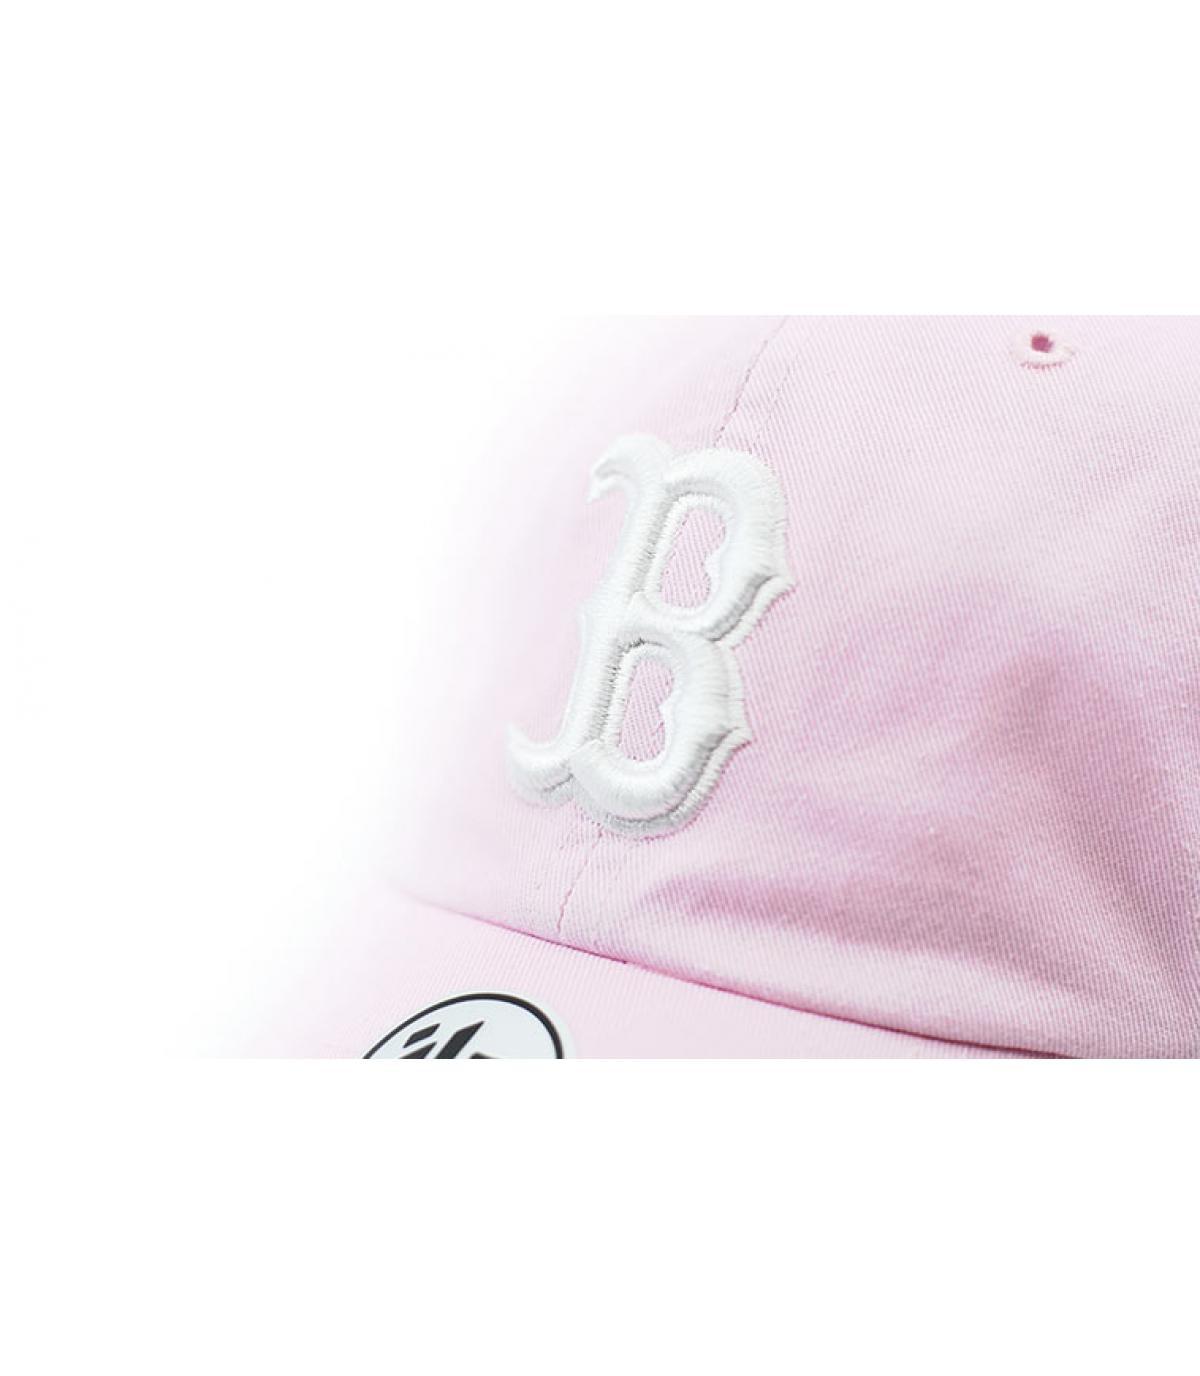 Détails Clean Up Boston petal pink - image 3